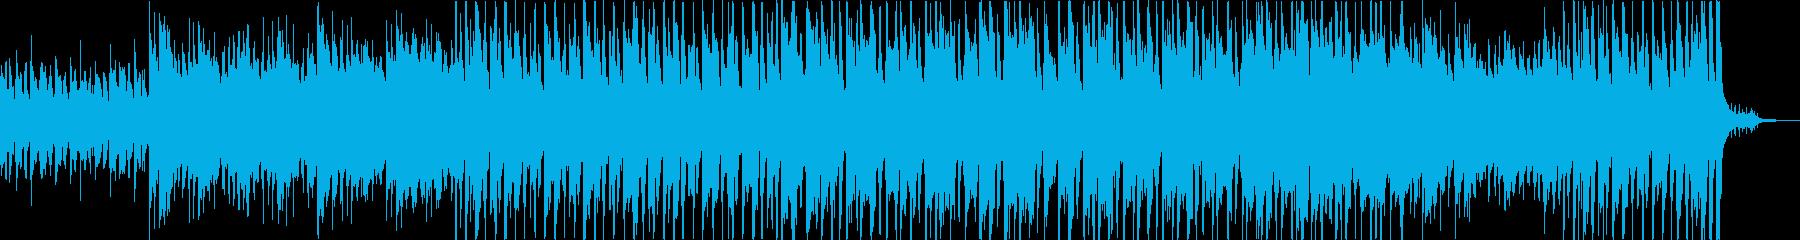 ピアノが中心の明るいポップスの再生済みの波形